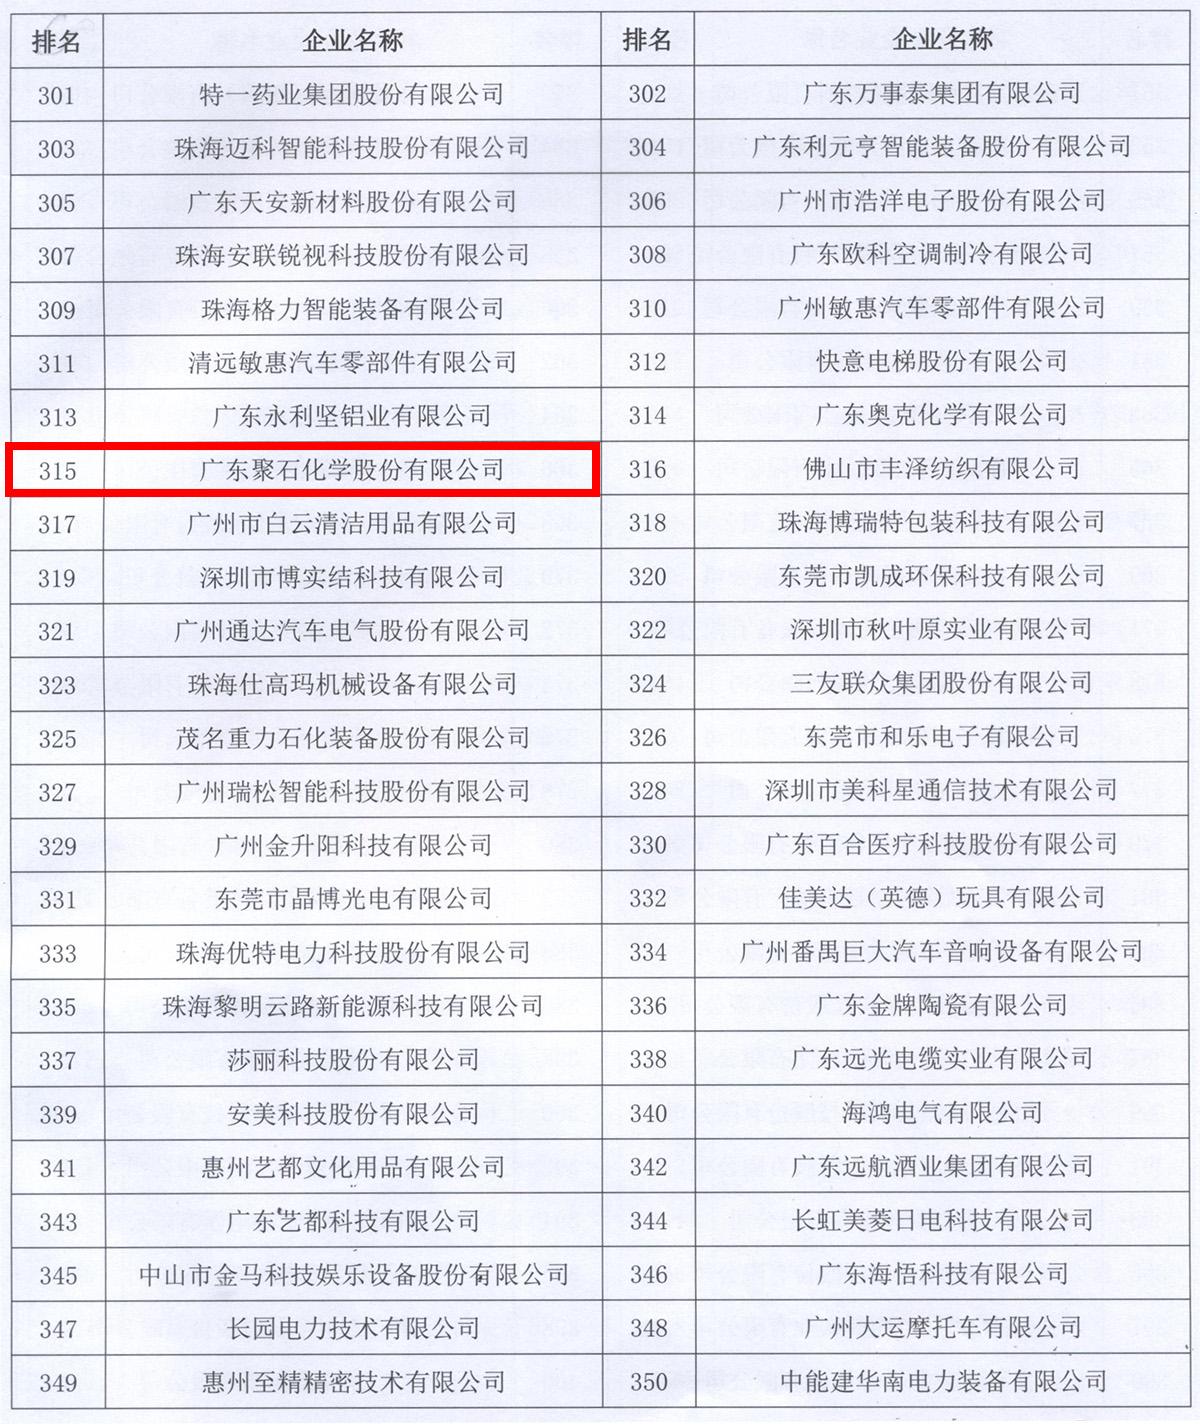 广东制造500强名单(聚石化学)-框中